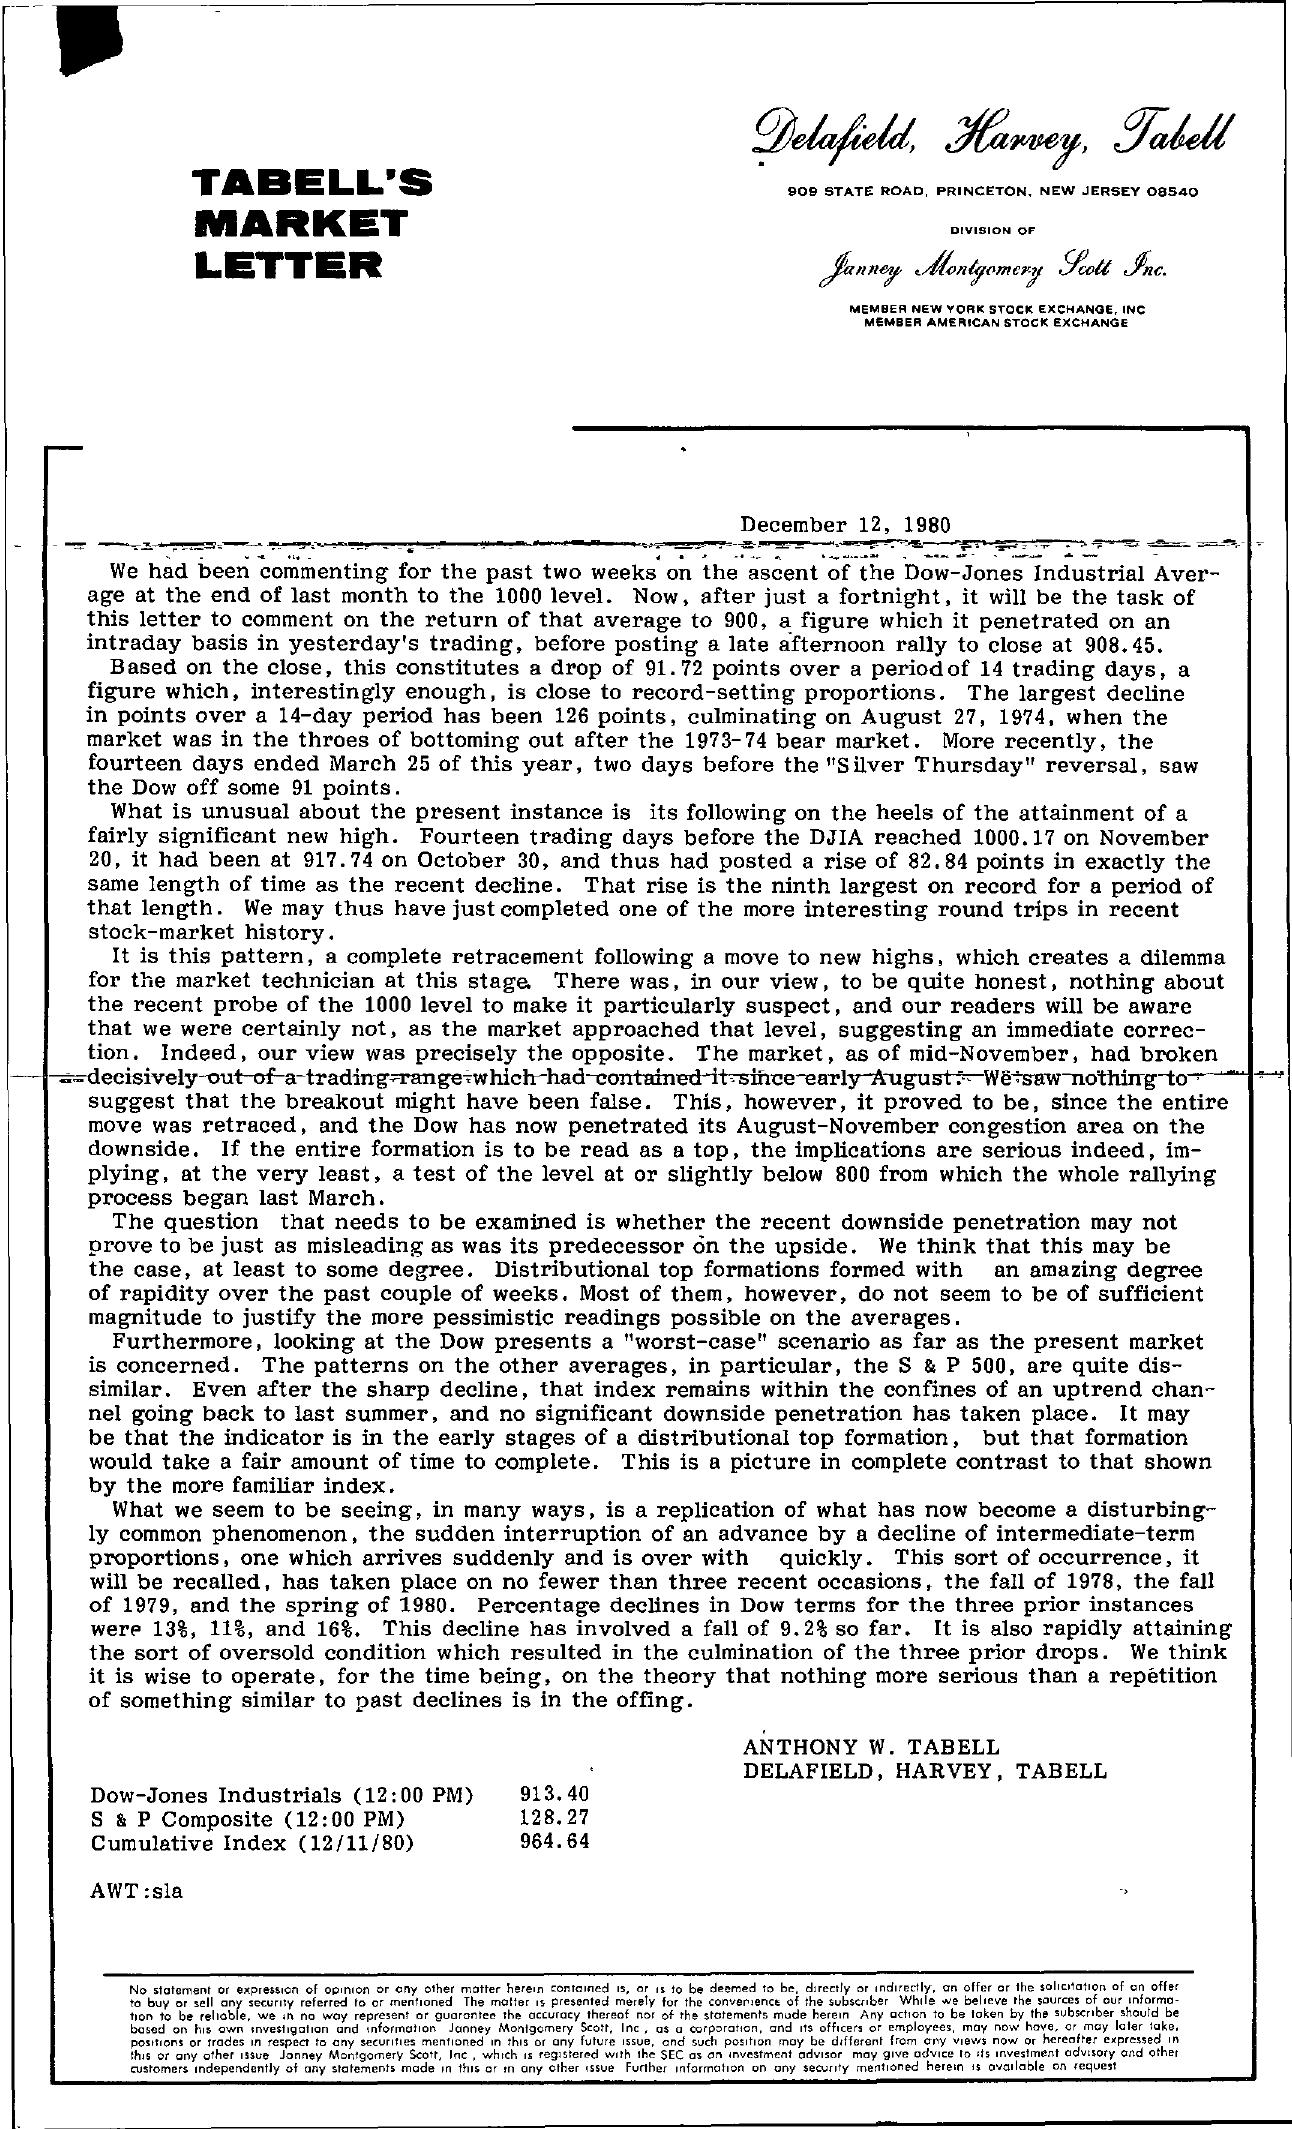 Tabell's Market Letter - December 12, 1980